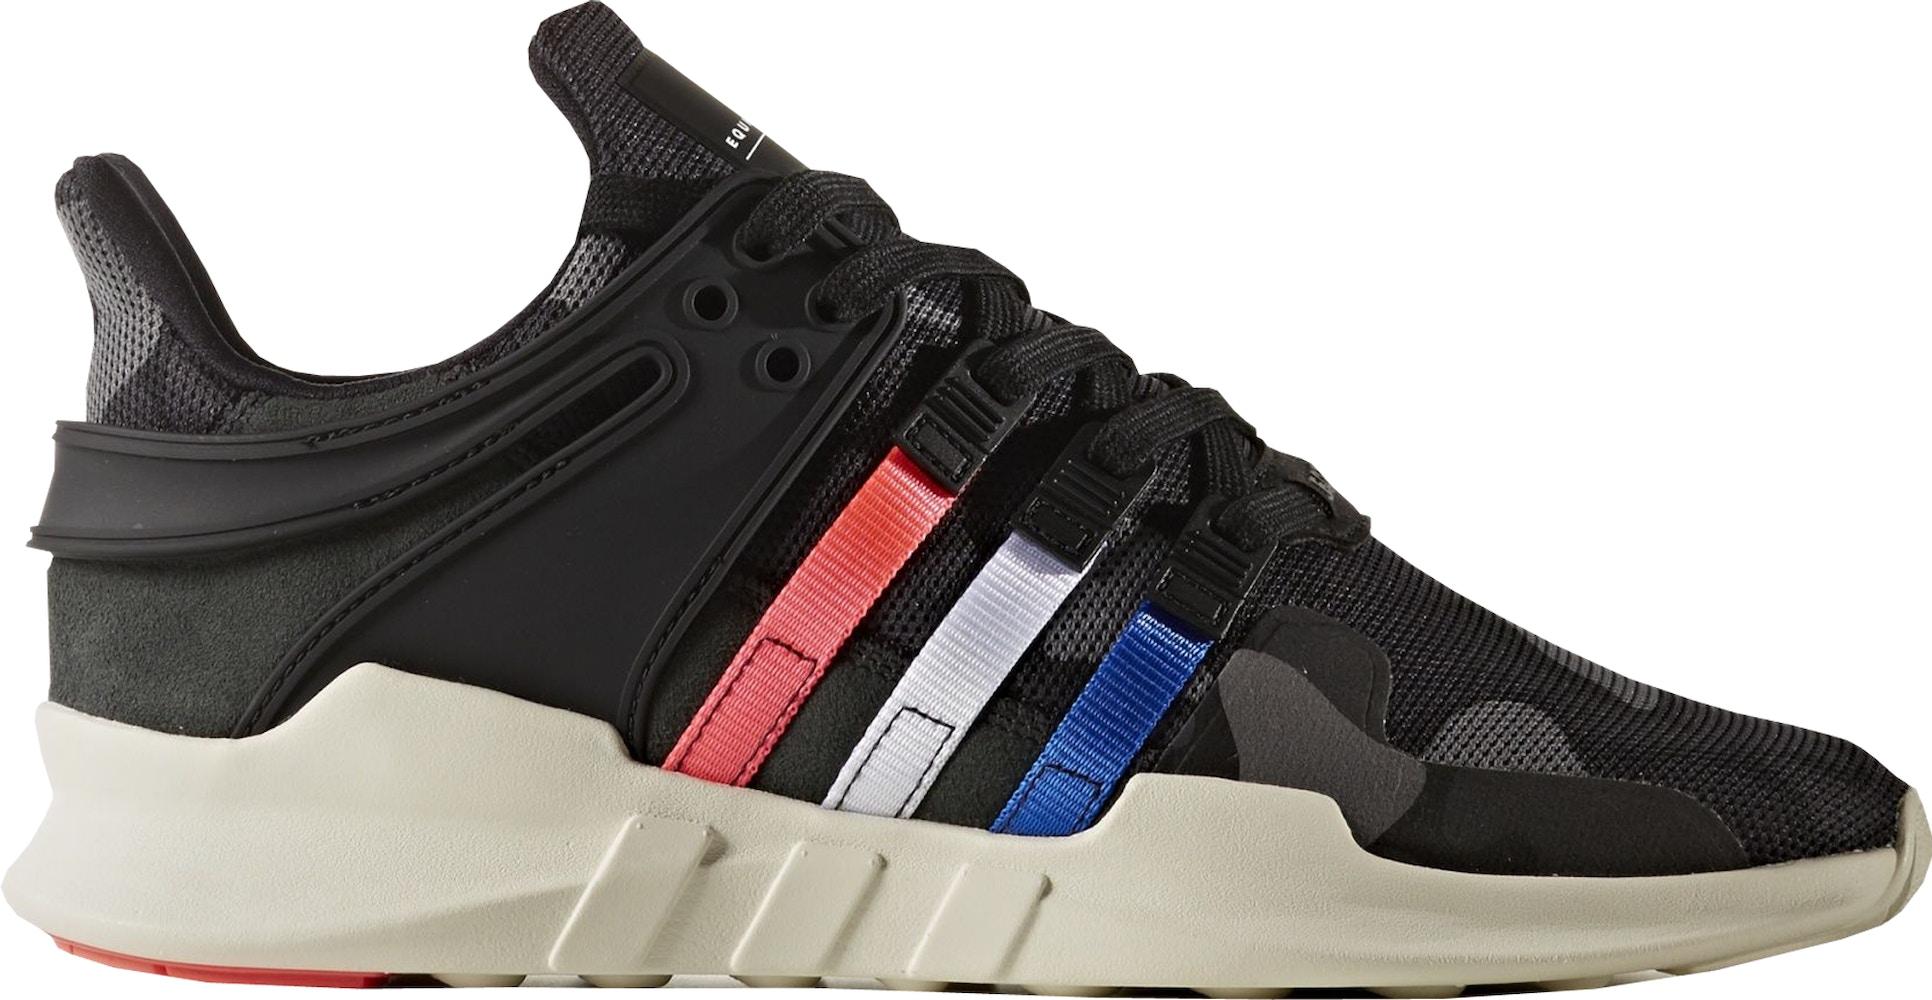 adidas EQT Support ADV Tri Color Stripes Camo